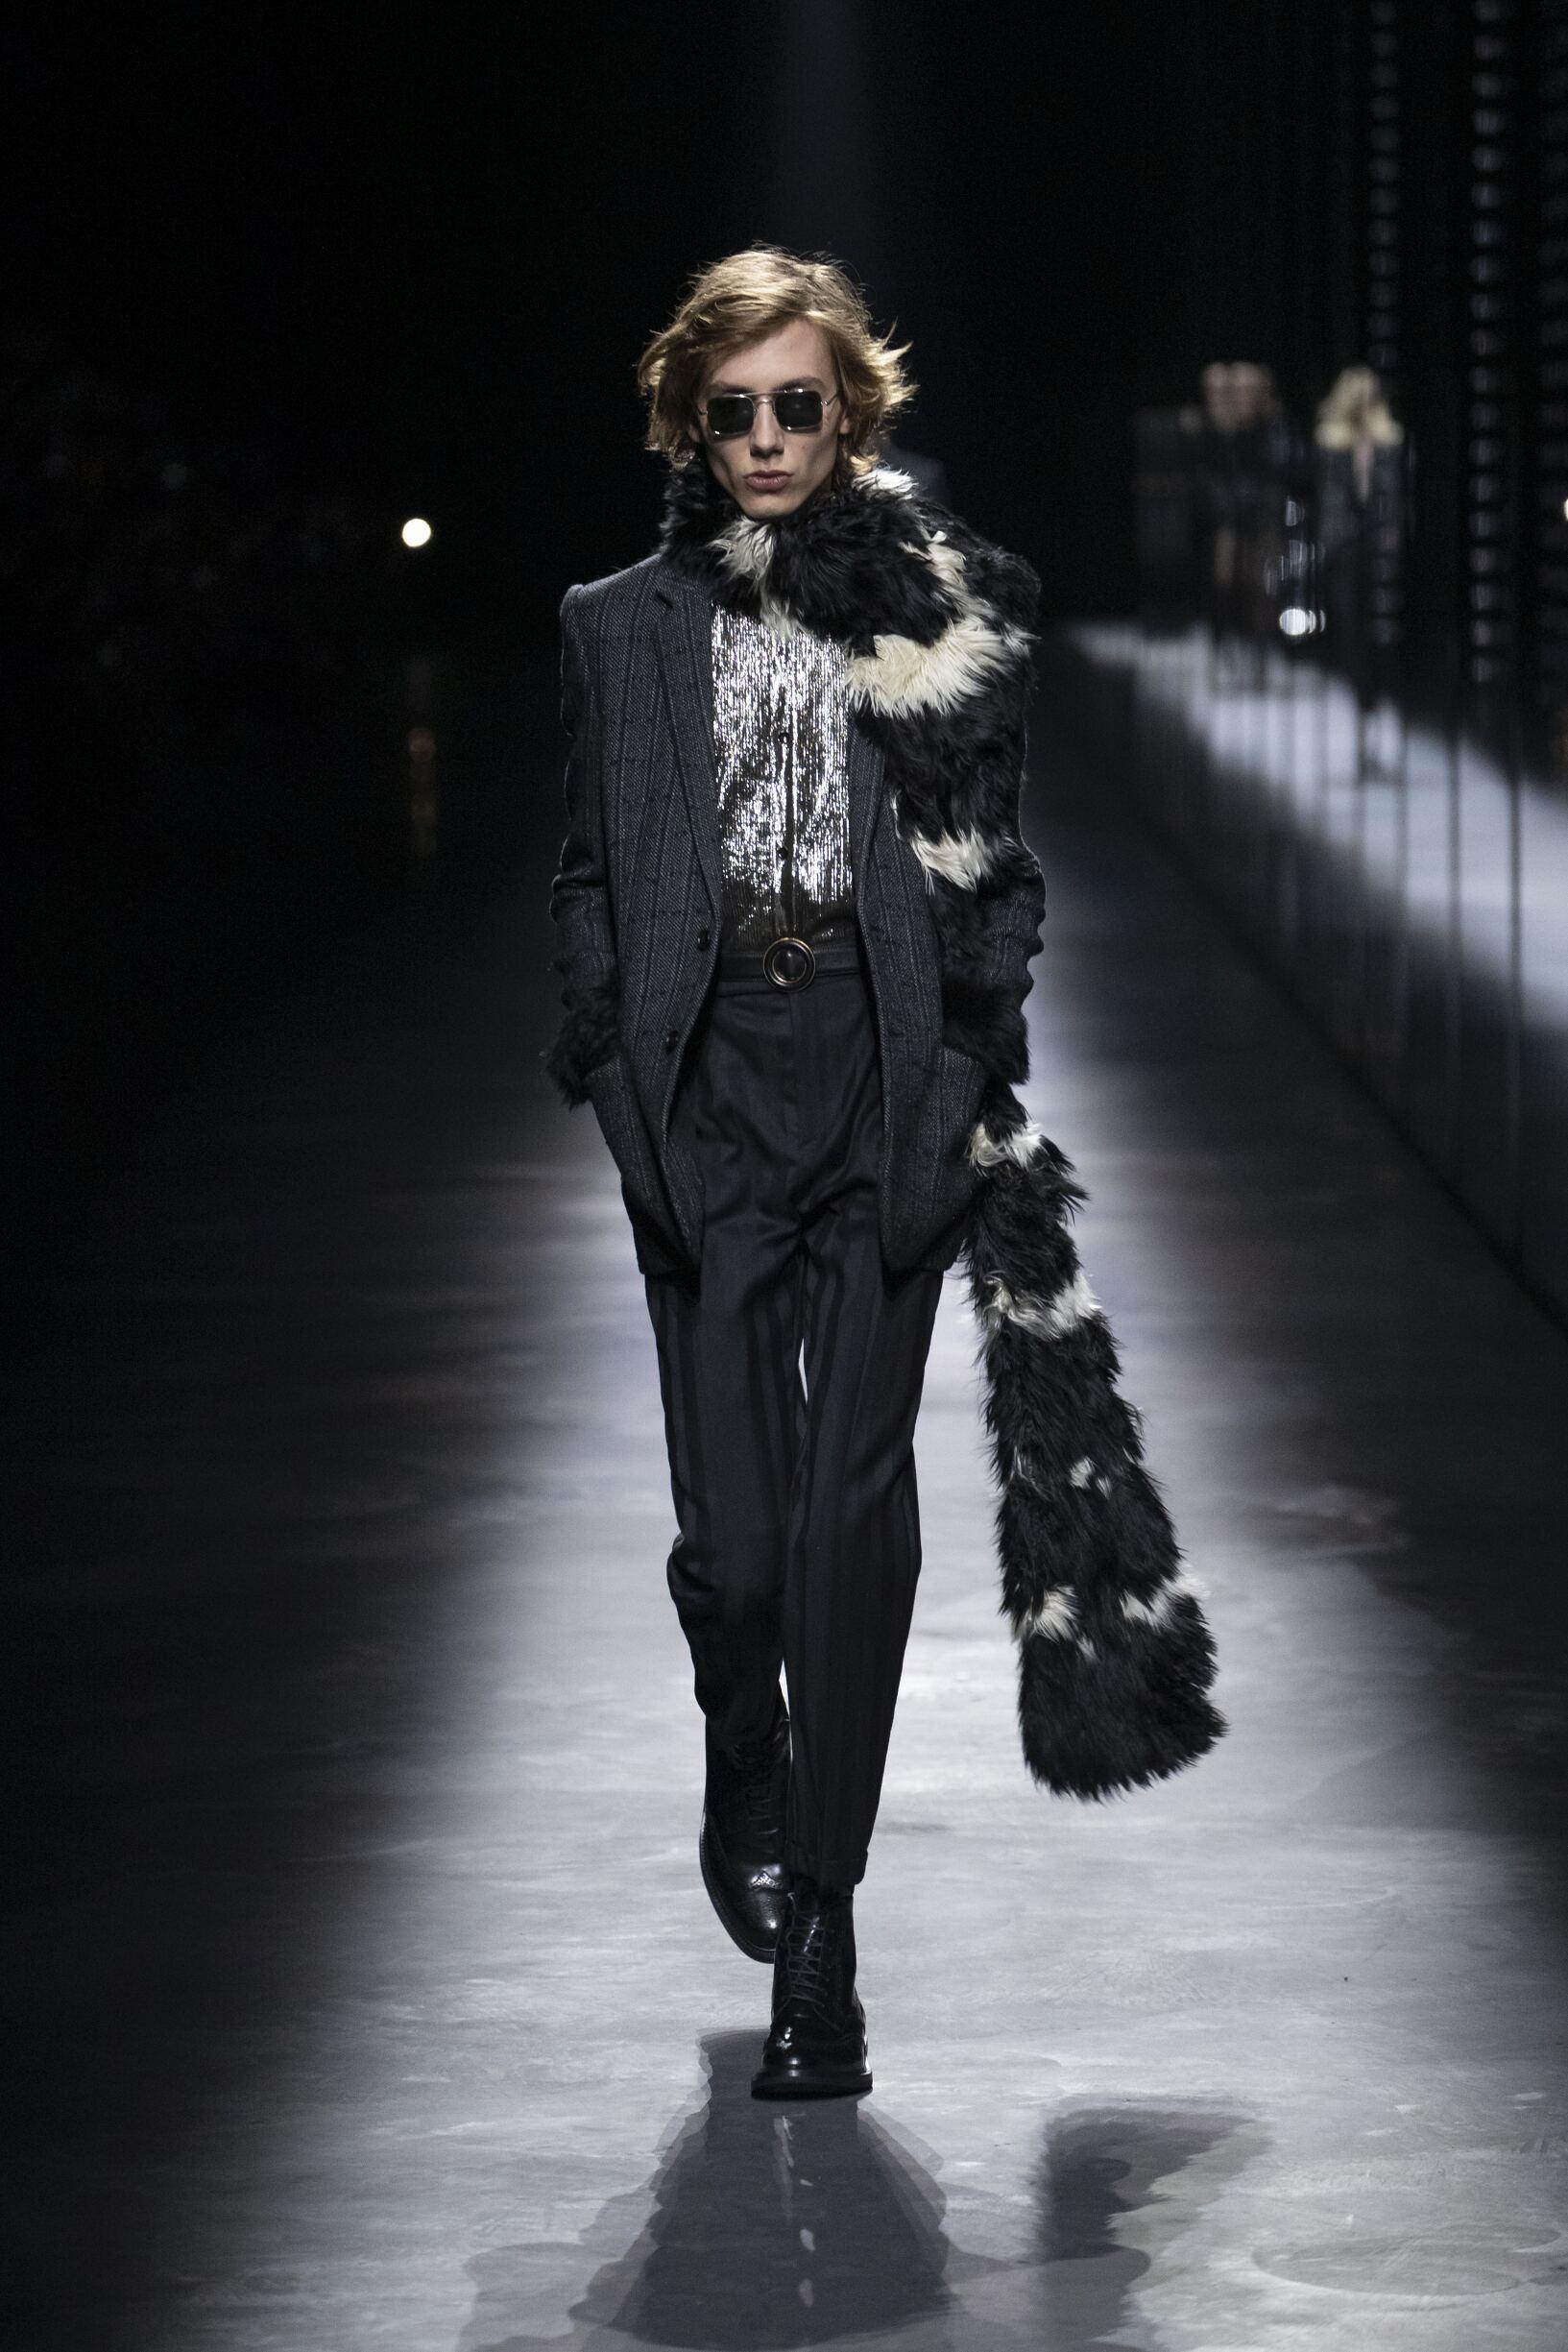 Fashion 2019 Catwalk Saint Laurent Winter Mens Collection